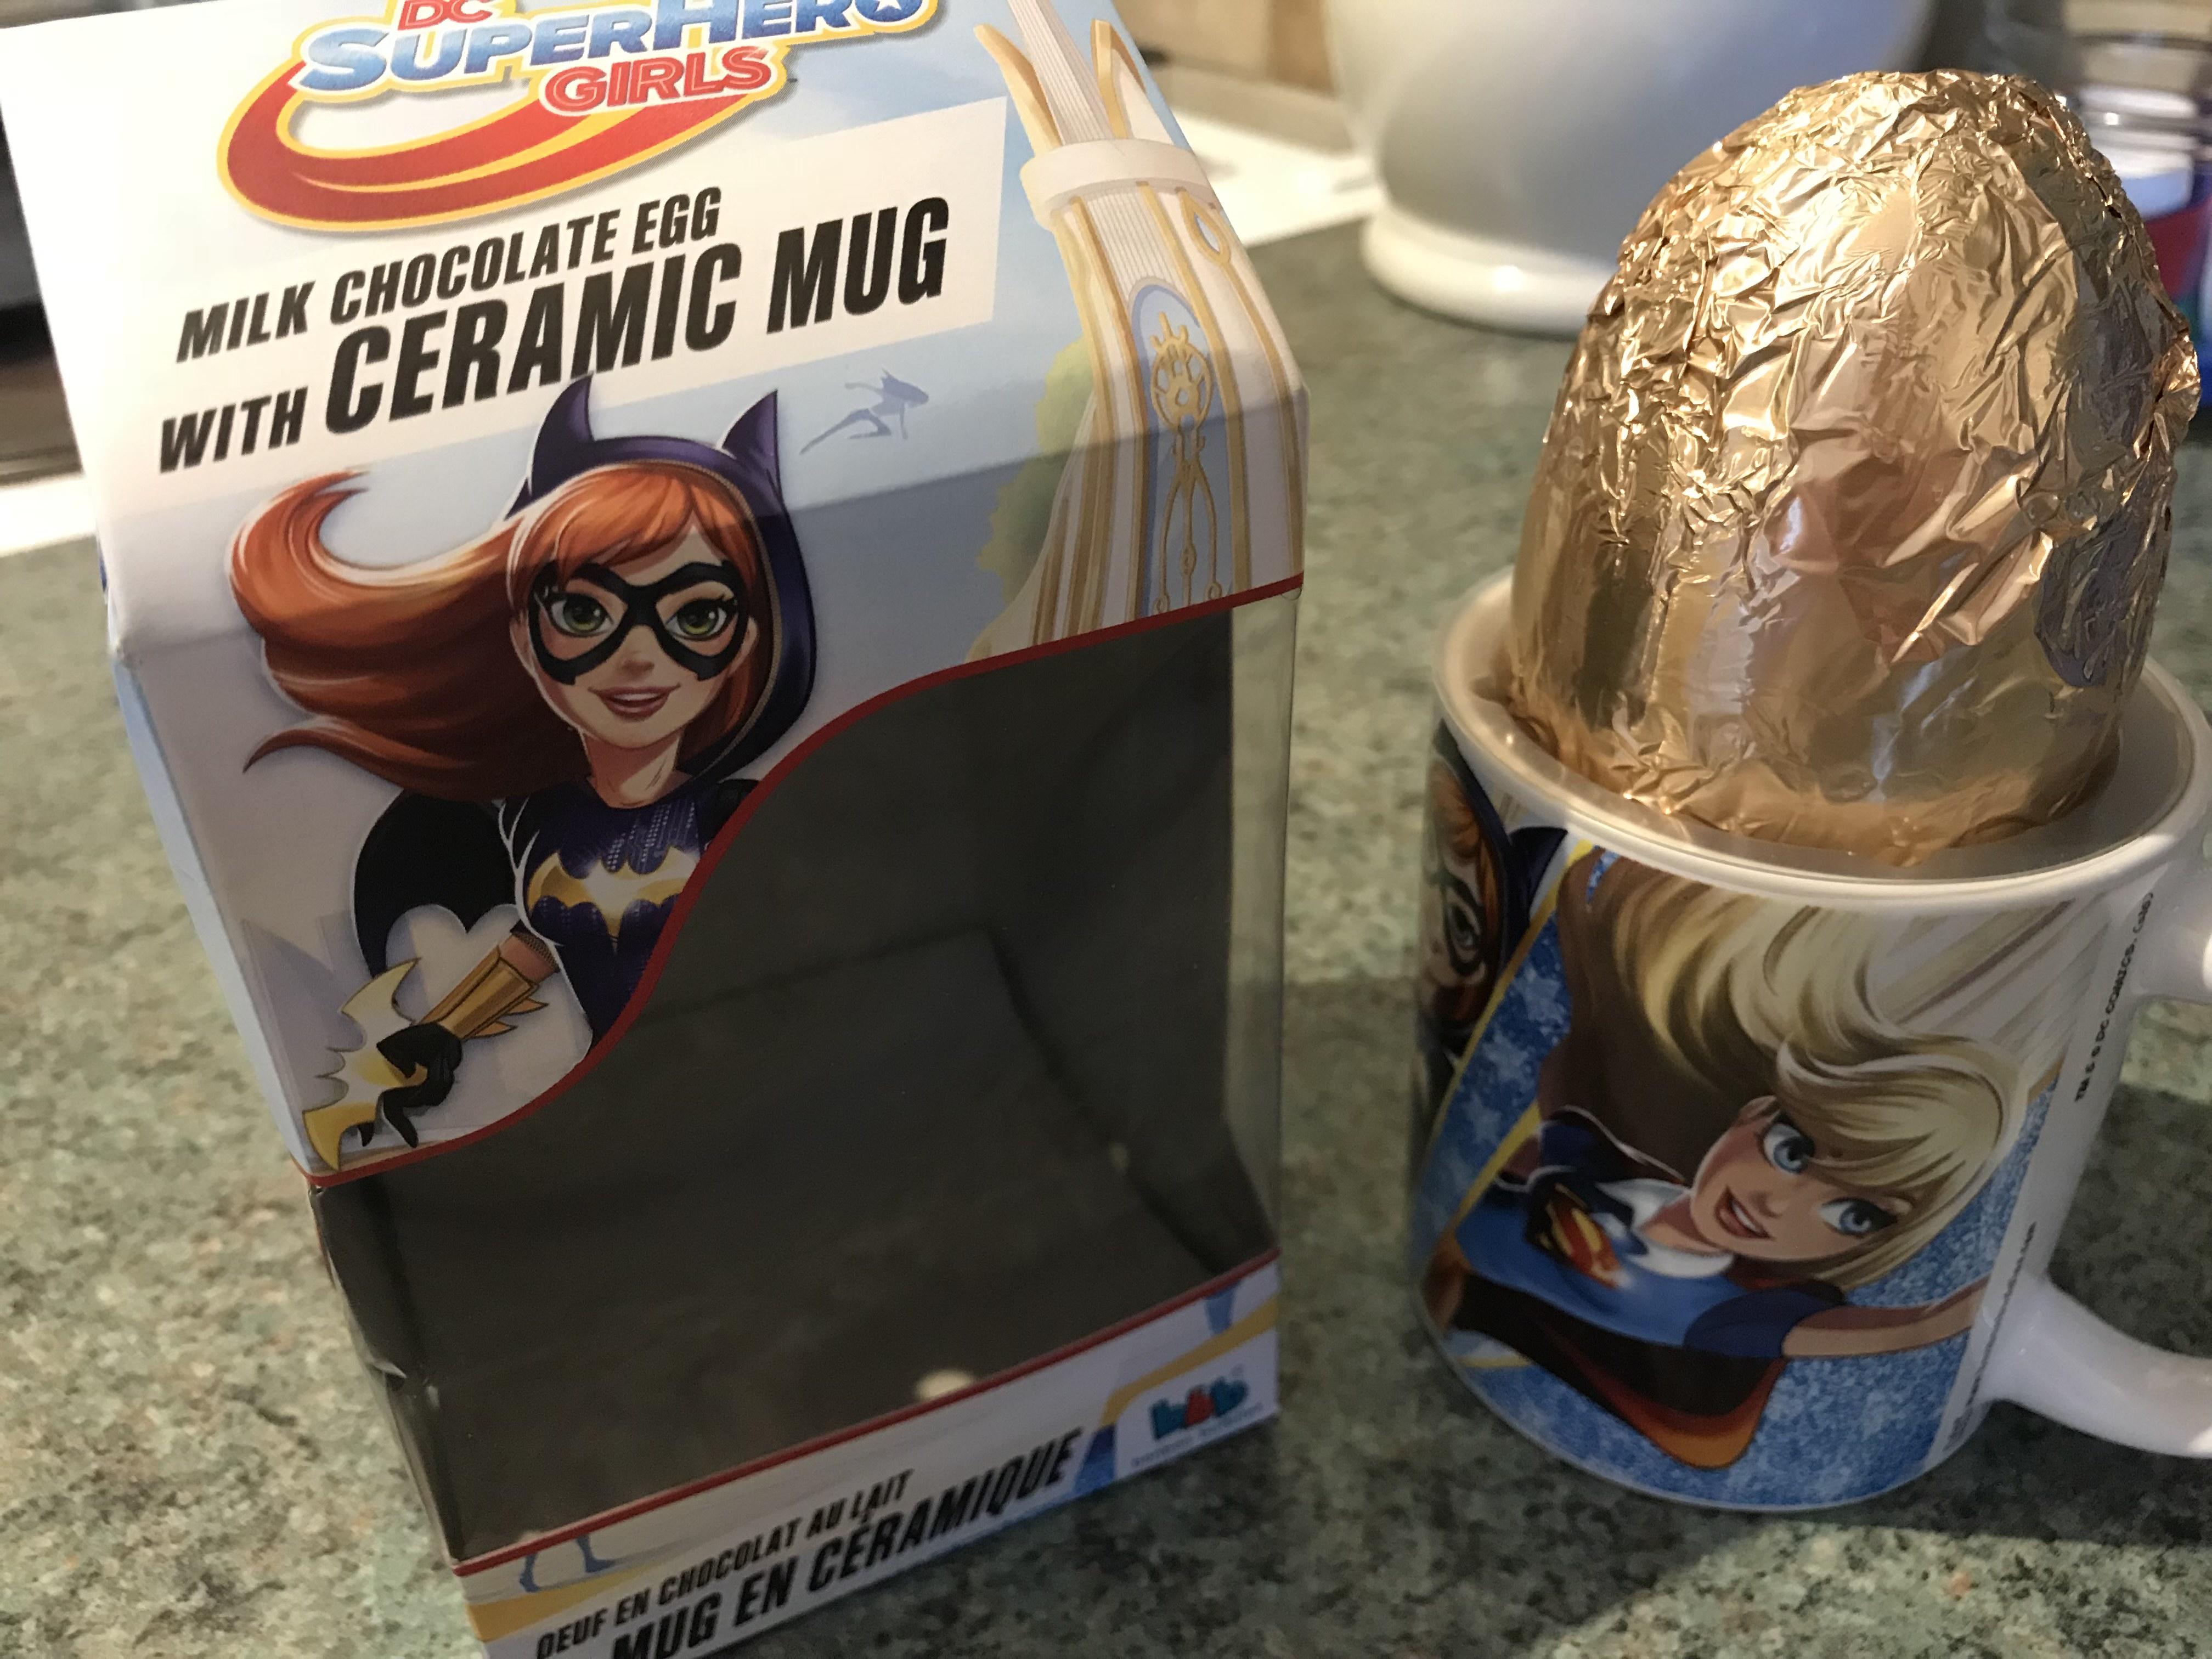 DC SuperHero Girls - Choc Egg and Ceramic Mug @ B&M for 75p instore